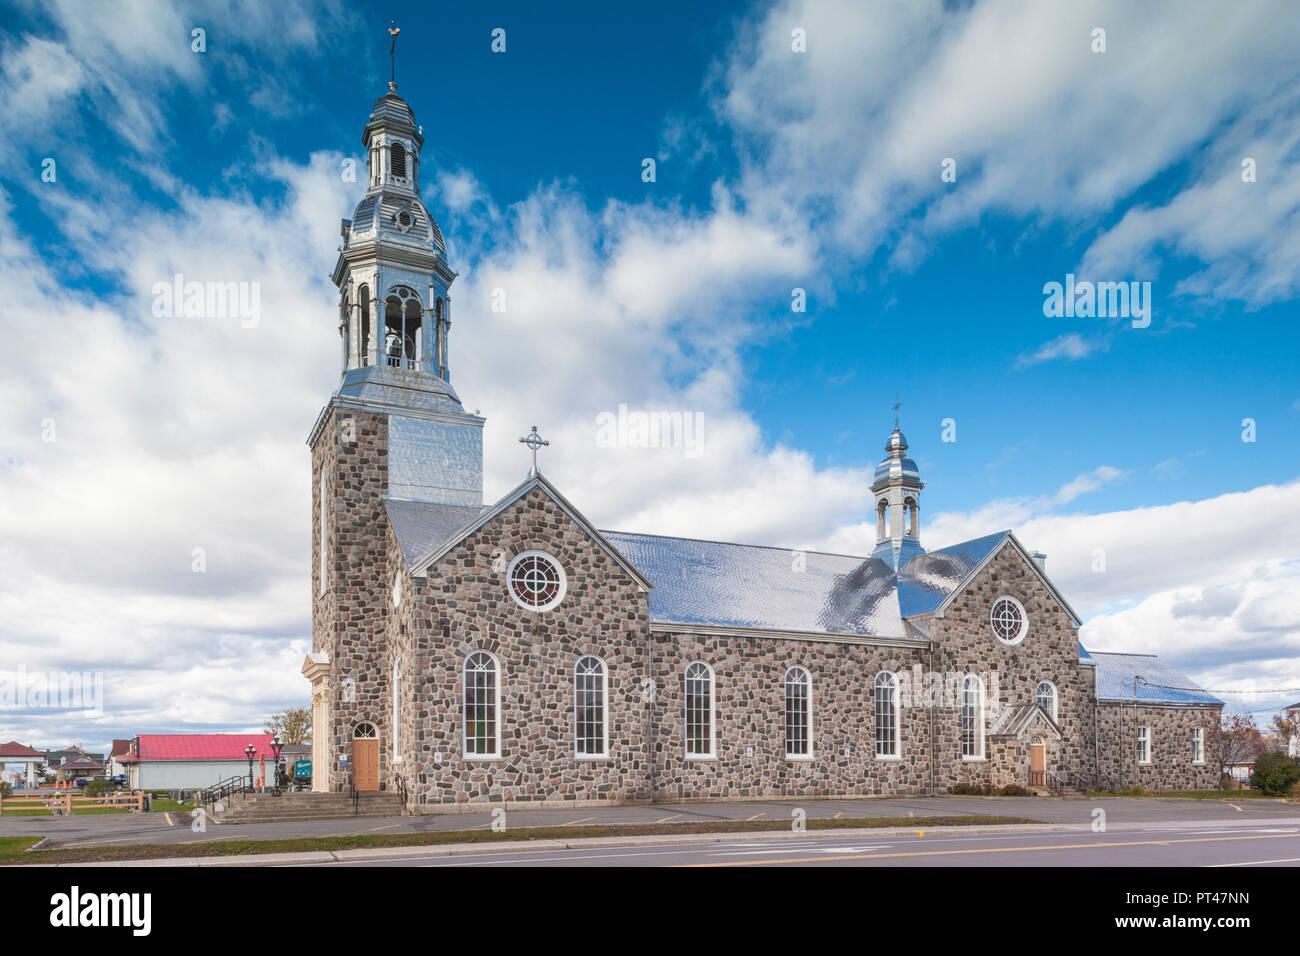 Canada, Quebec, Gaspe Peninsula, Bonaventure, town church - Stock Image